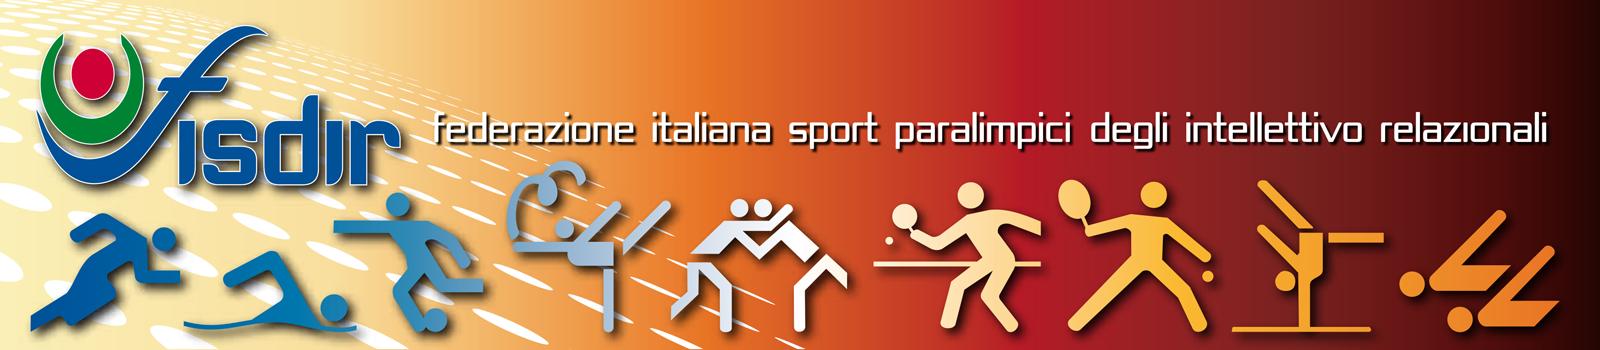 Federazione italiana sport paralimpici degli intellettivo relazionali